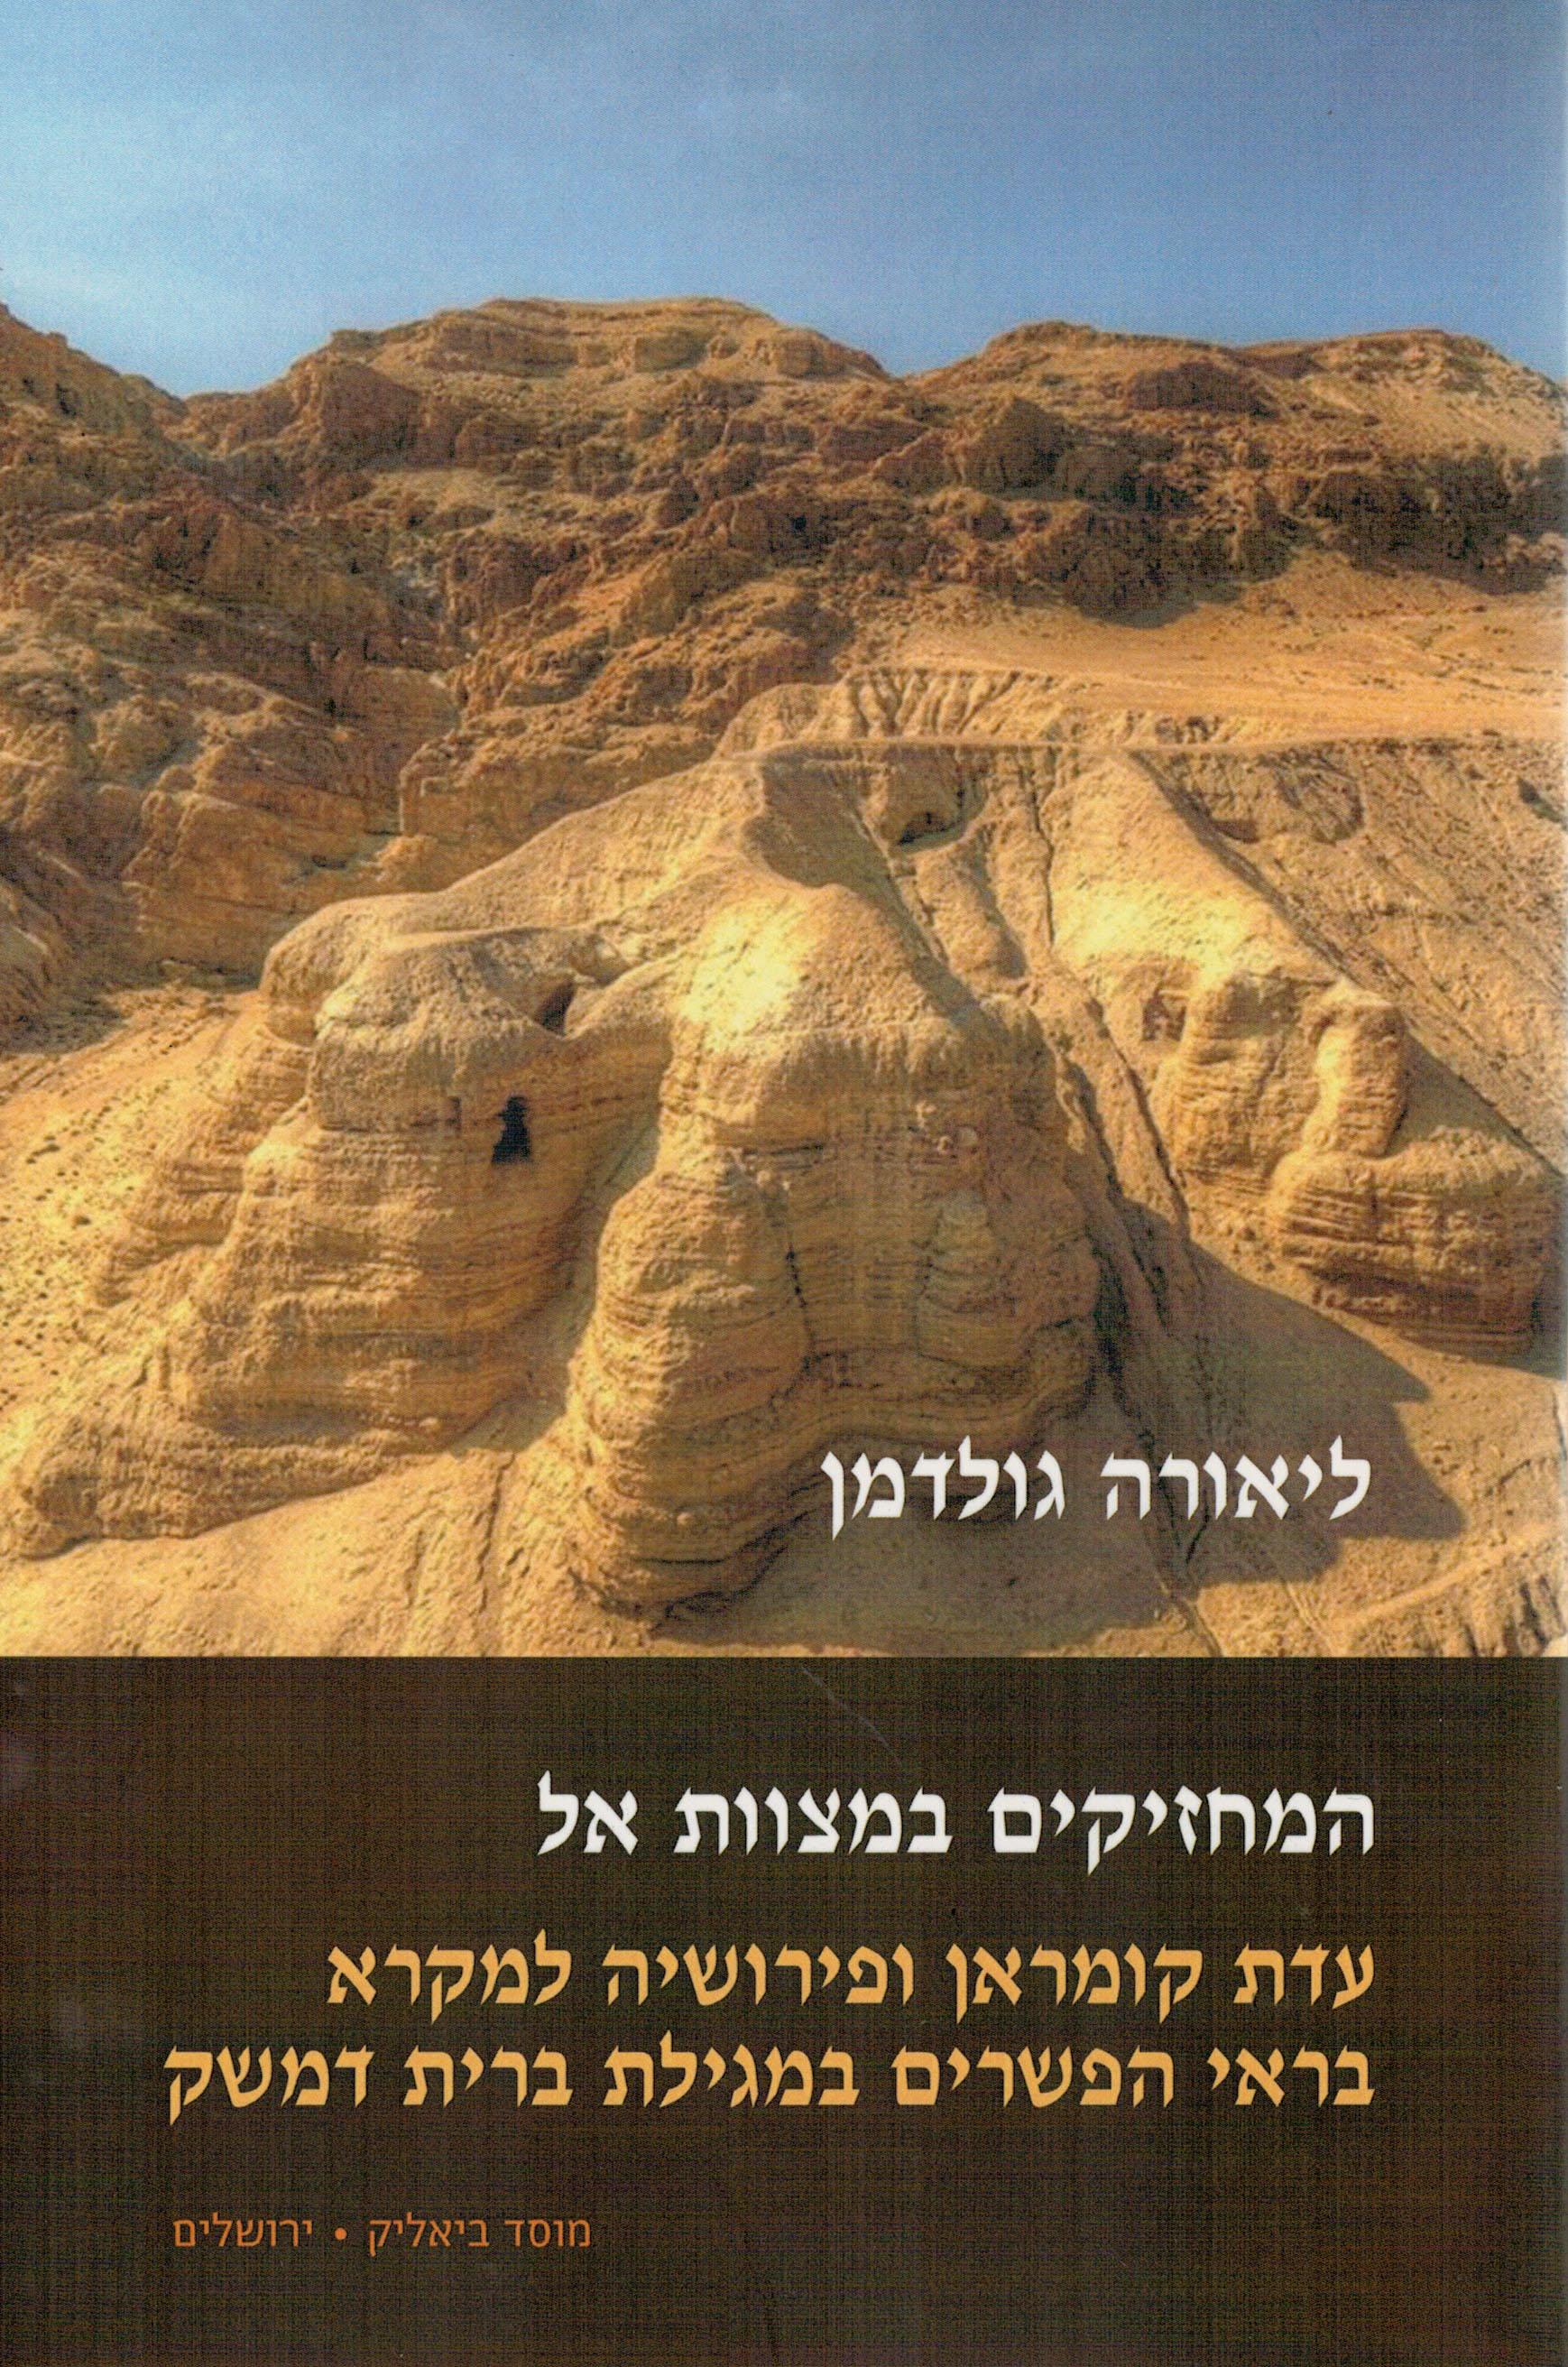 המחזיקים במצוות אל - עדת קומראן ופירושיה למקרא בראי הפשרים במגילת ברית דמשק / ליאורה גולדמן